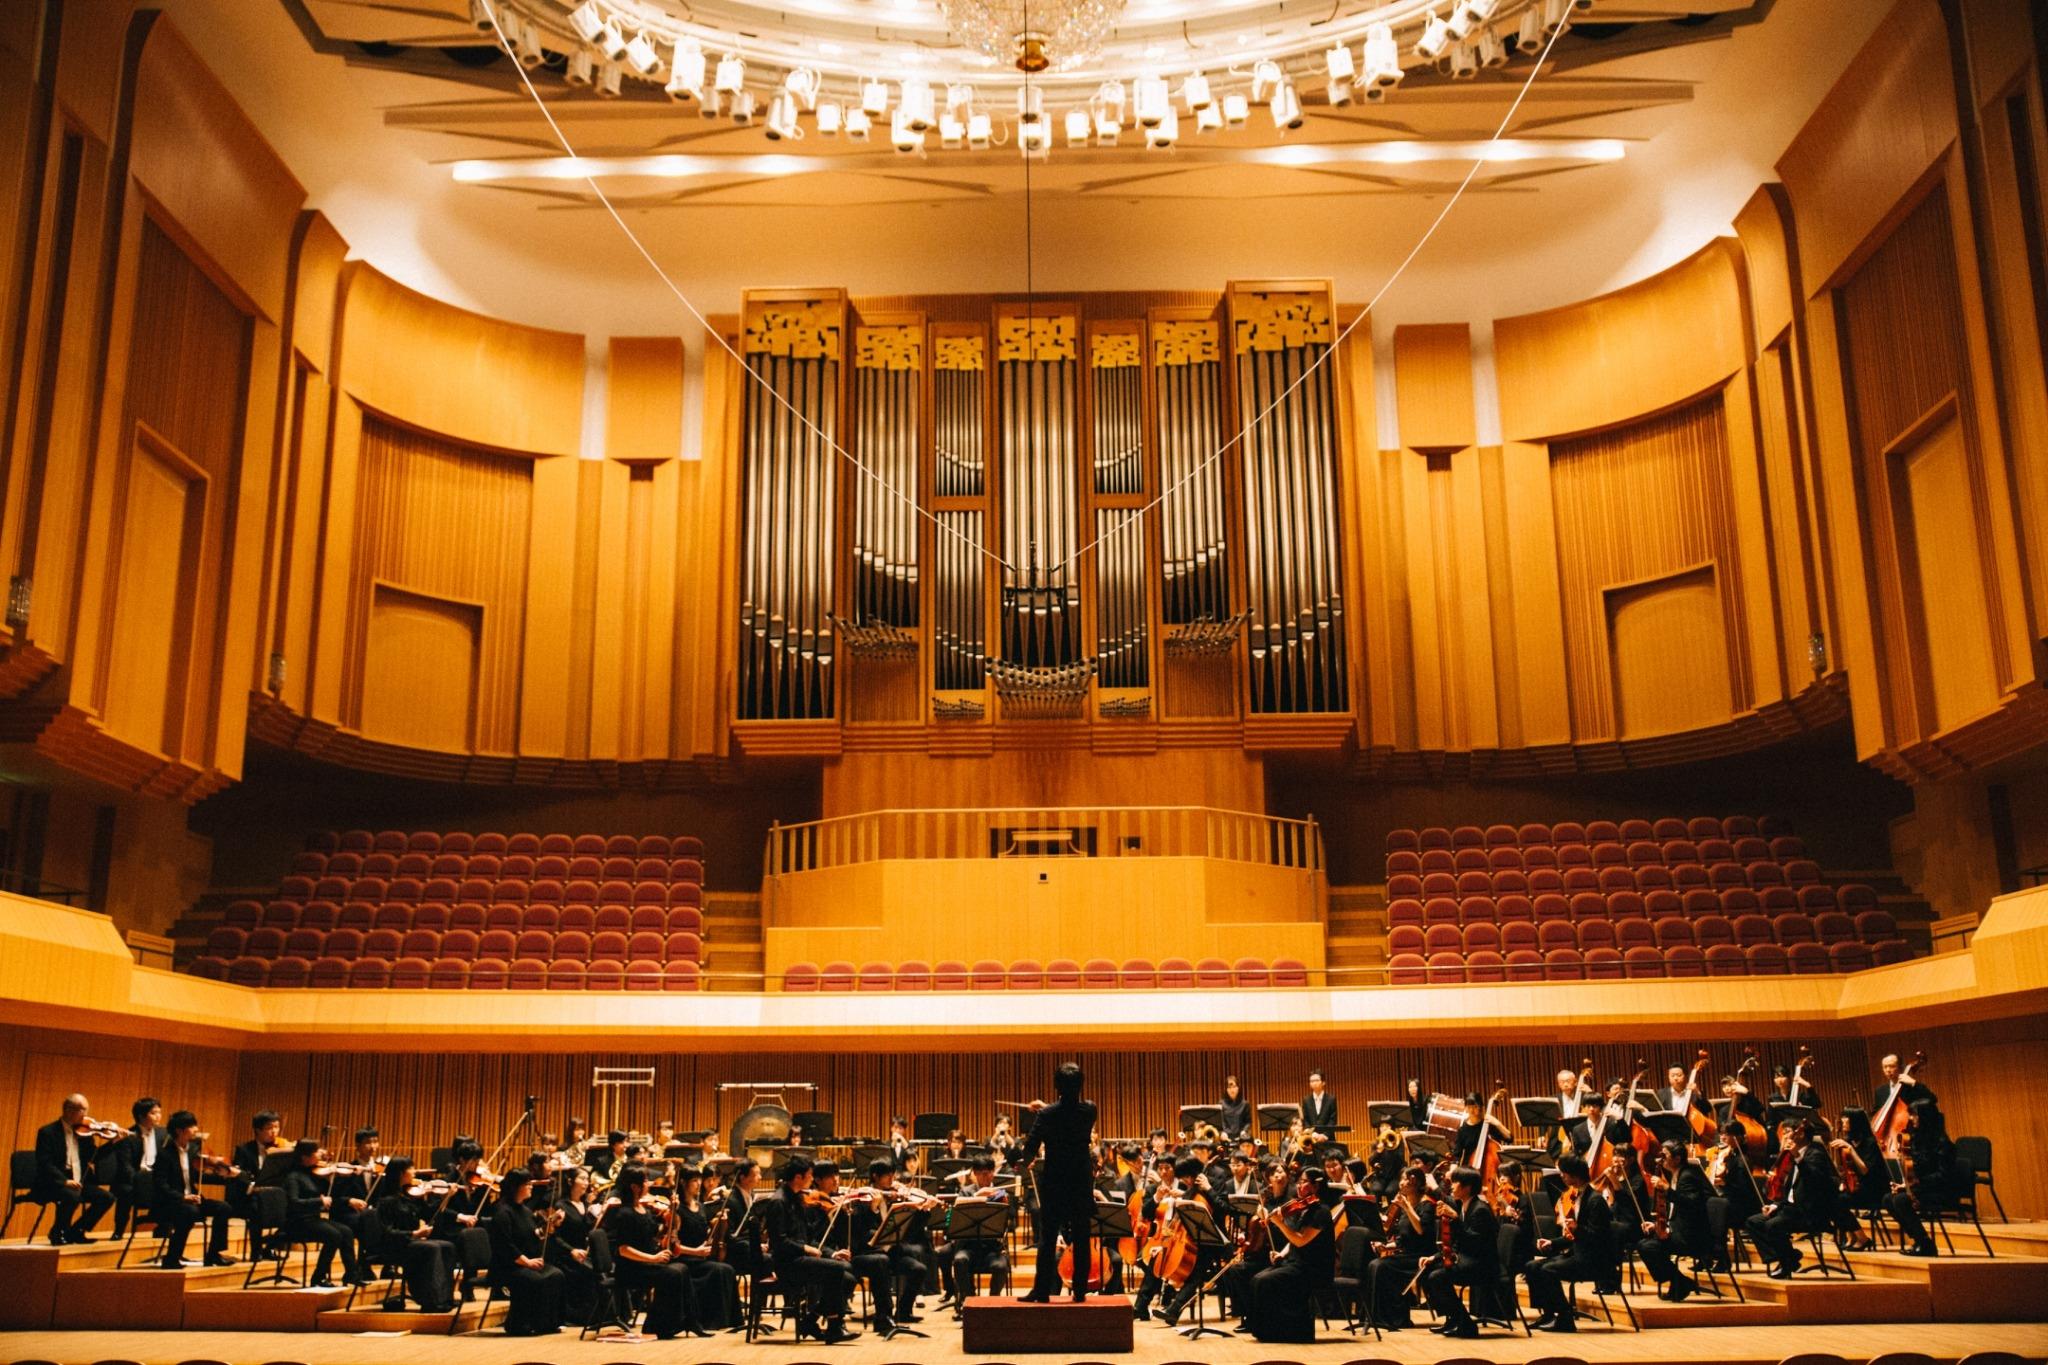 福井大学フィル2018年度の定期演奏会より